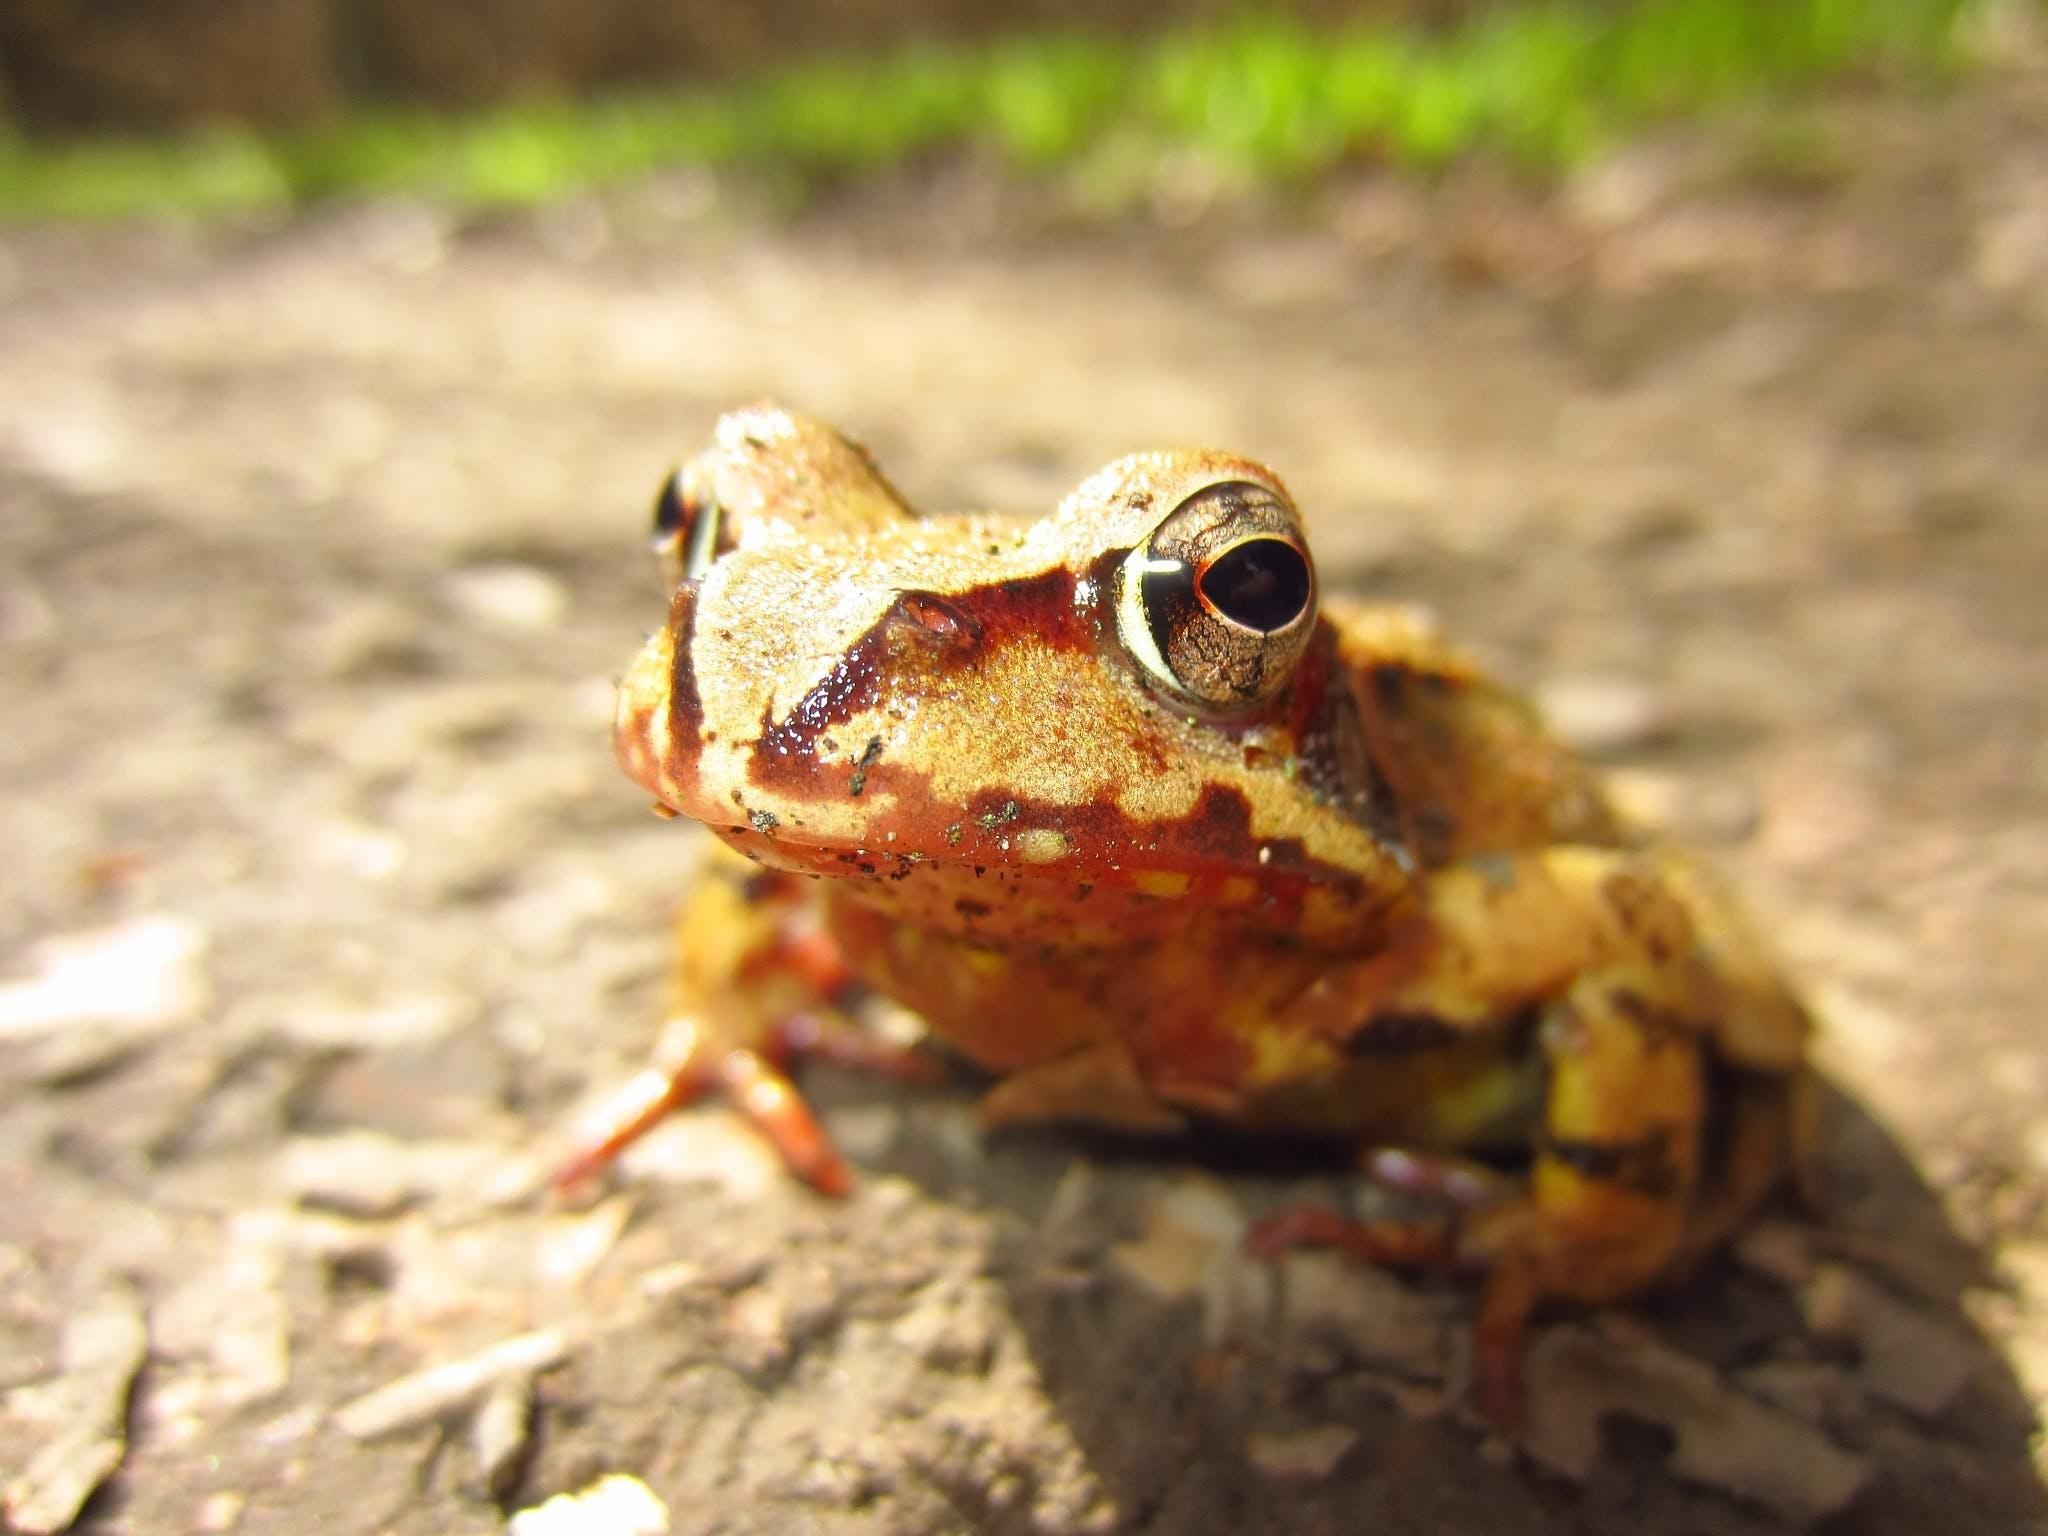 Foto stok gratis amfibi, binatang, cokelat, fotografi binatang